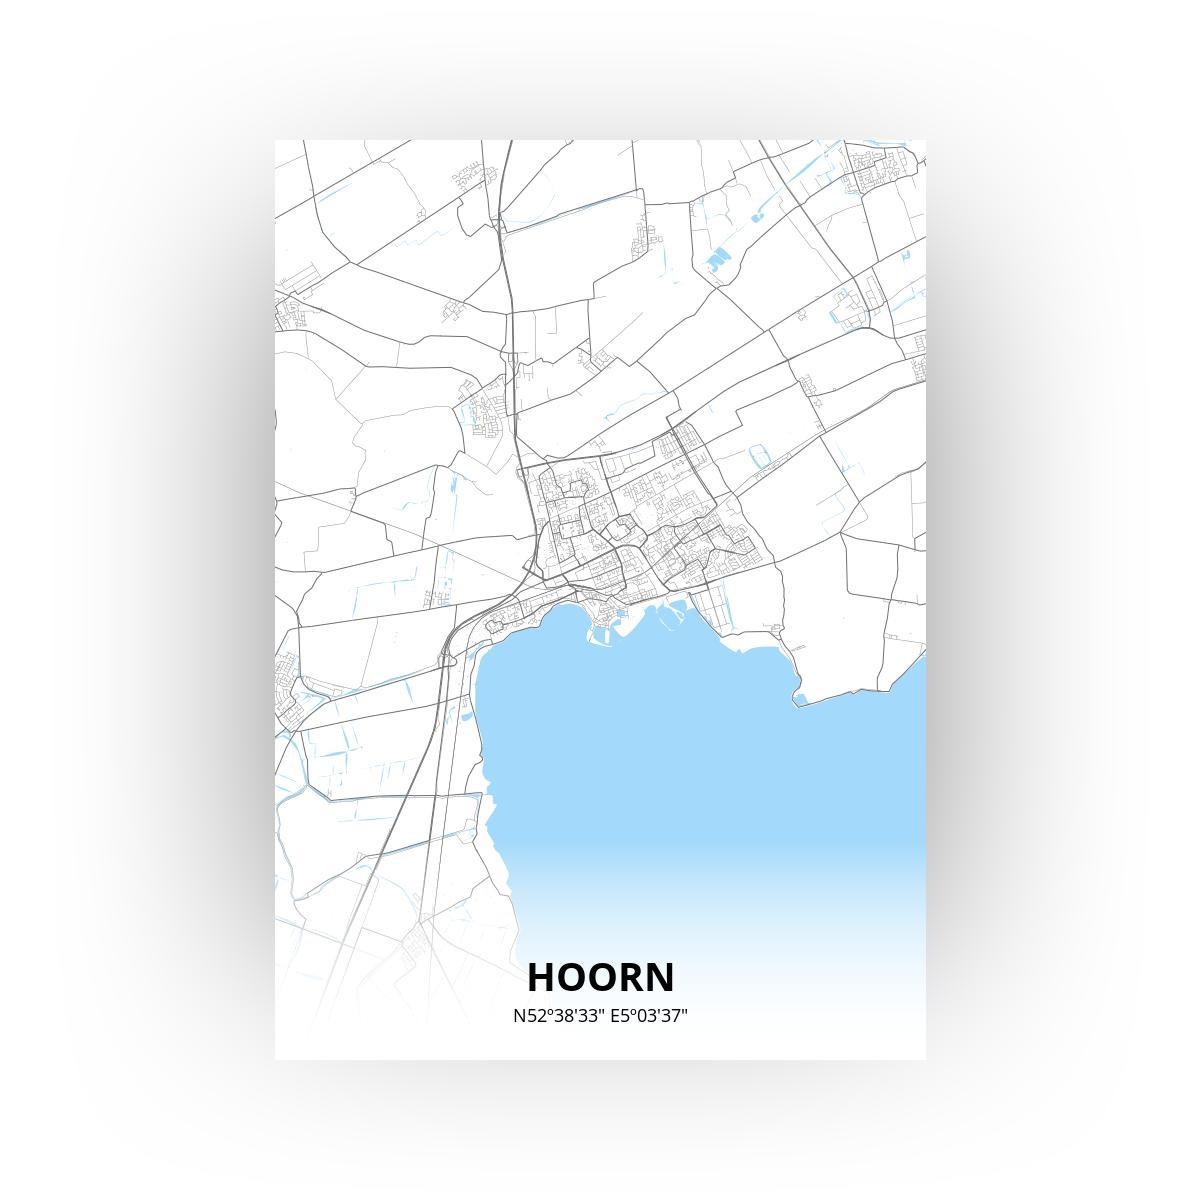 Hoorn print - Standaard stijl